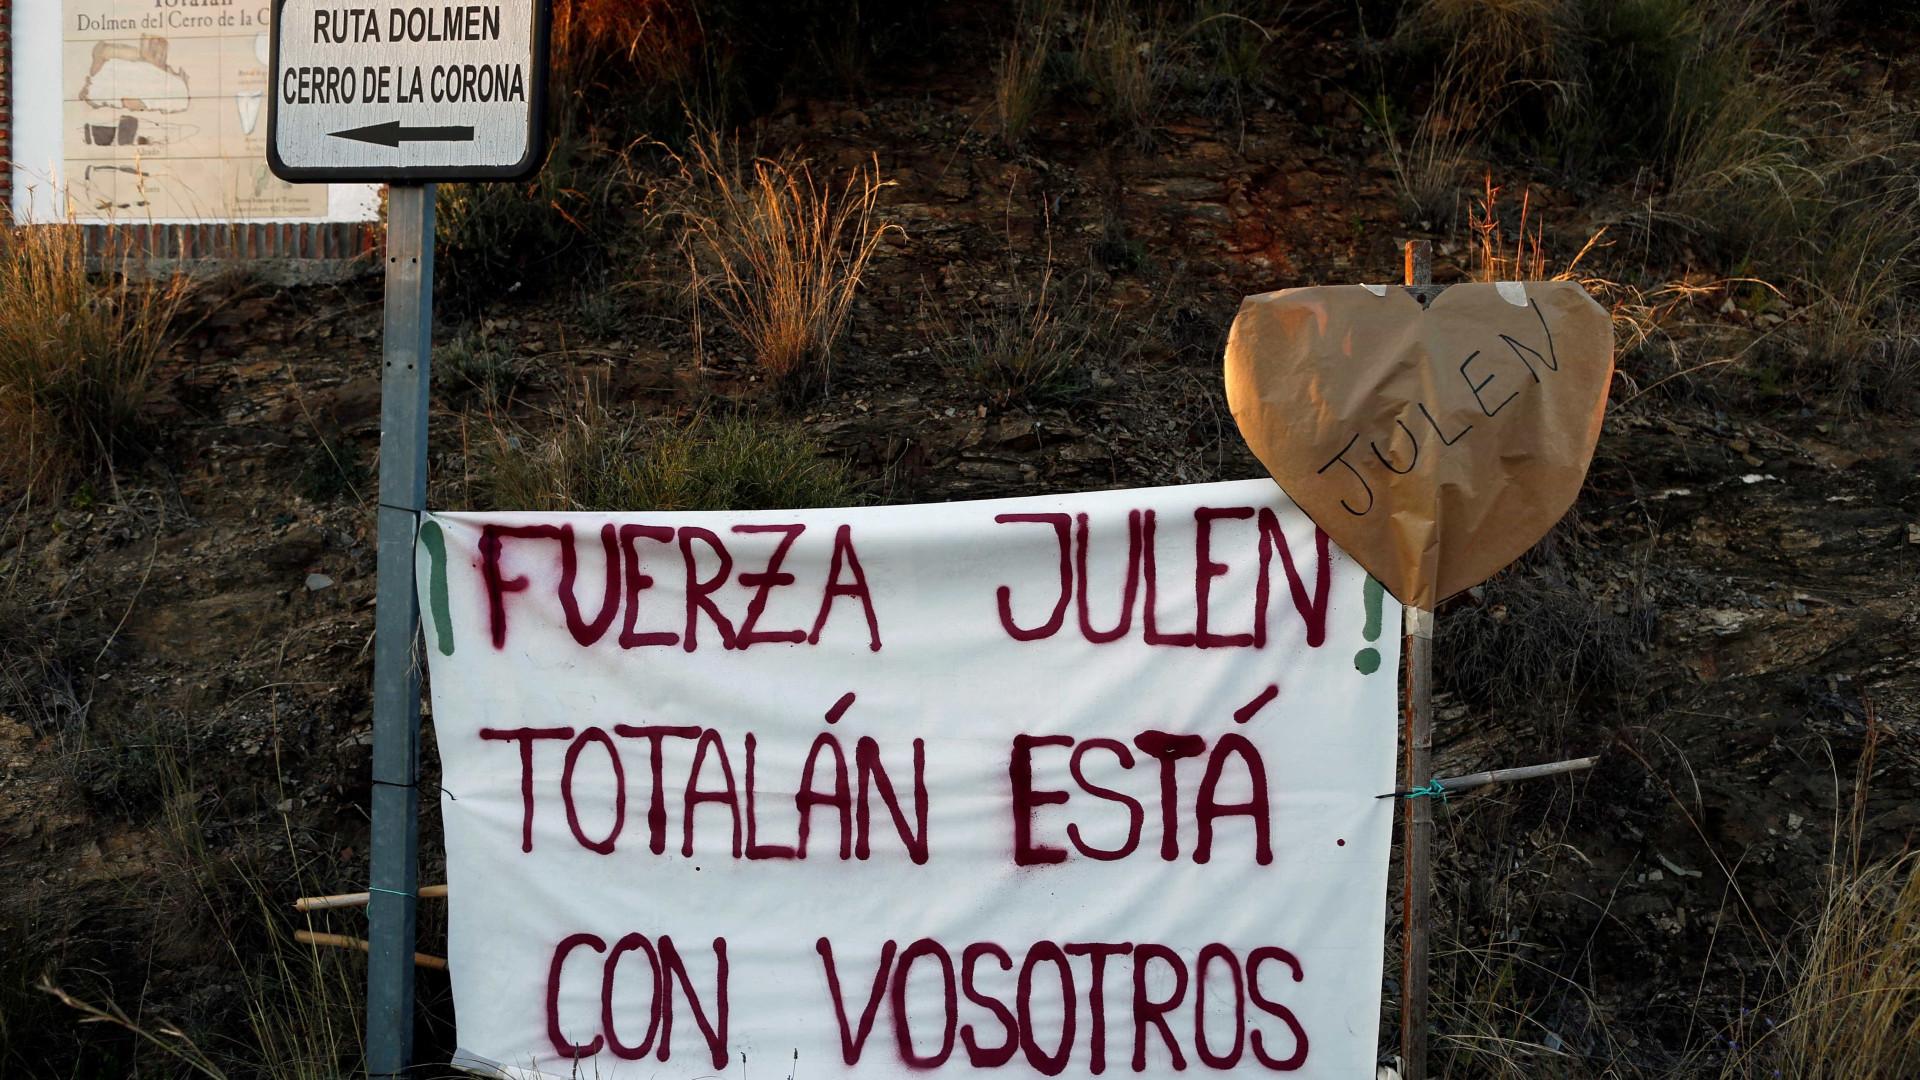 Resgate de menino em poço cria rede de esperança na Espanha